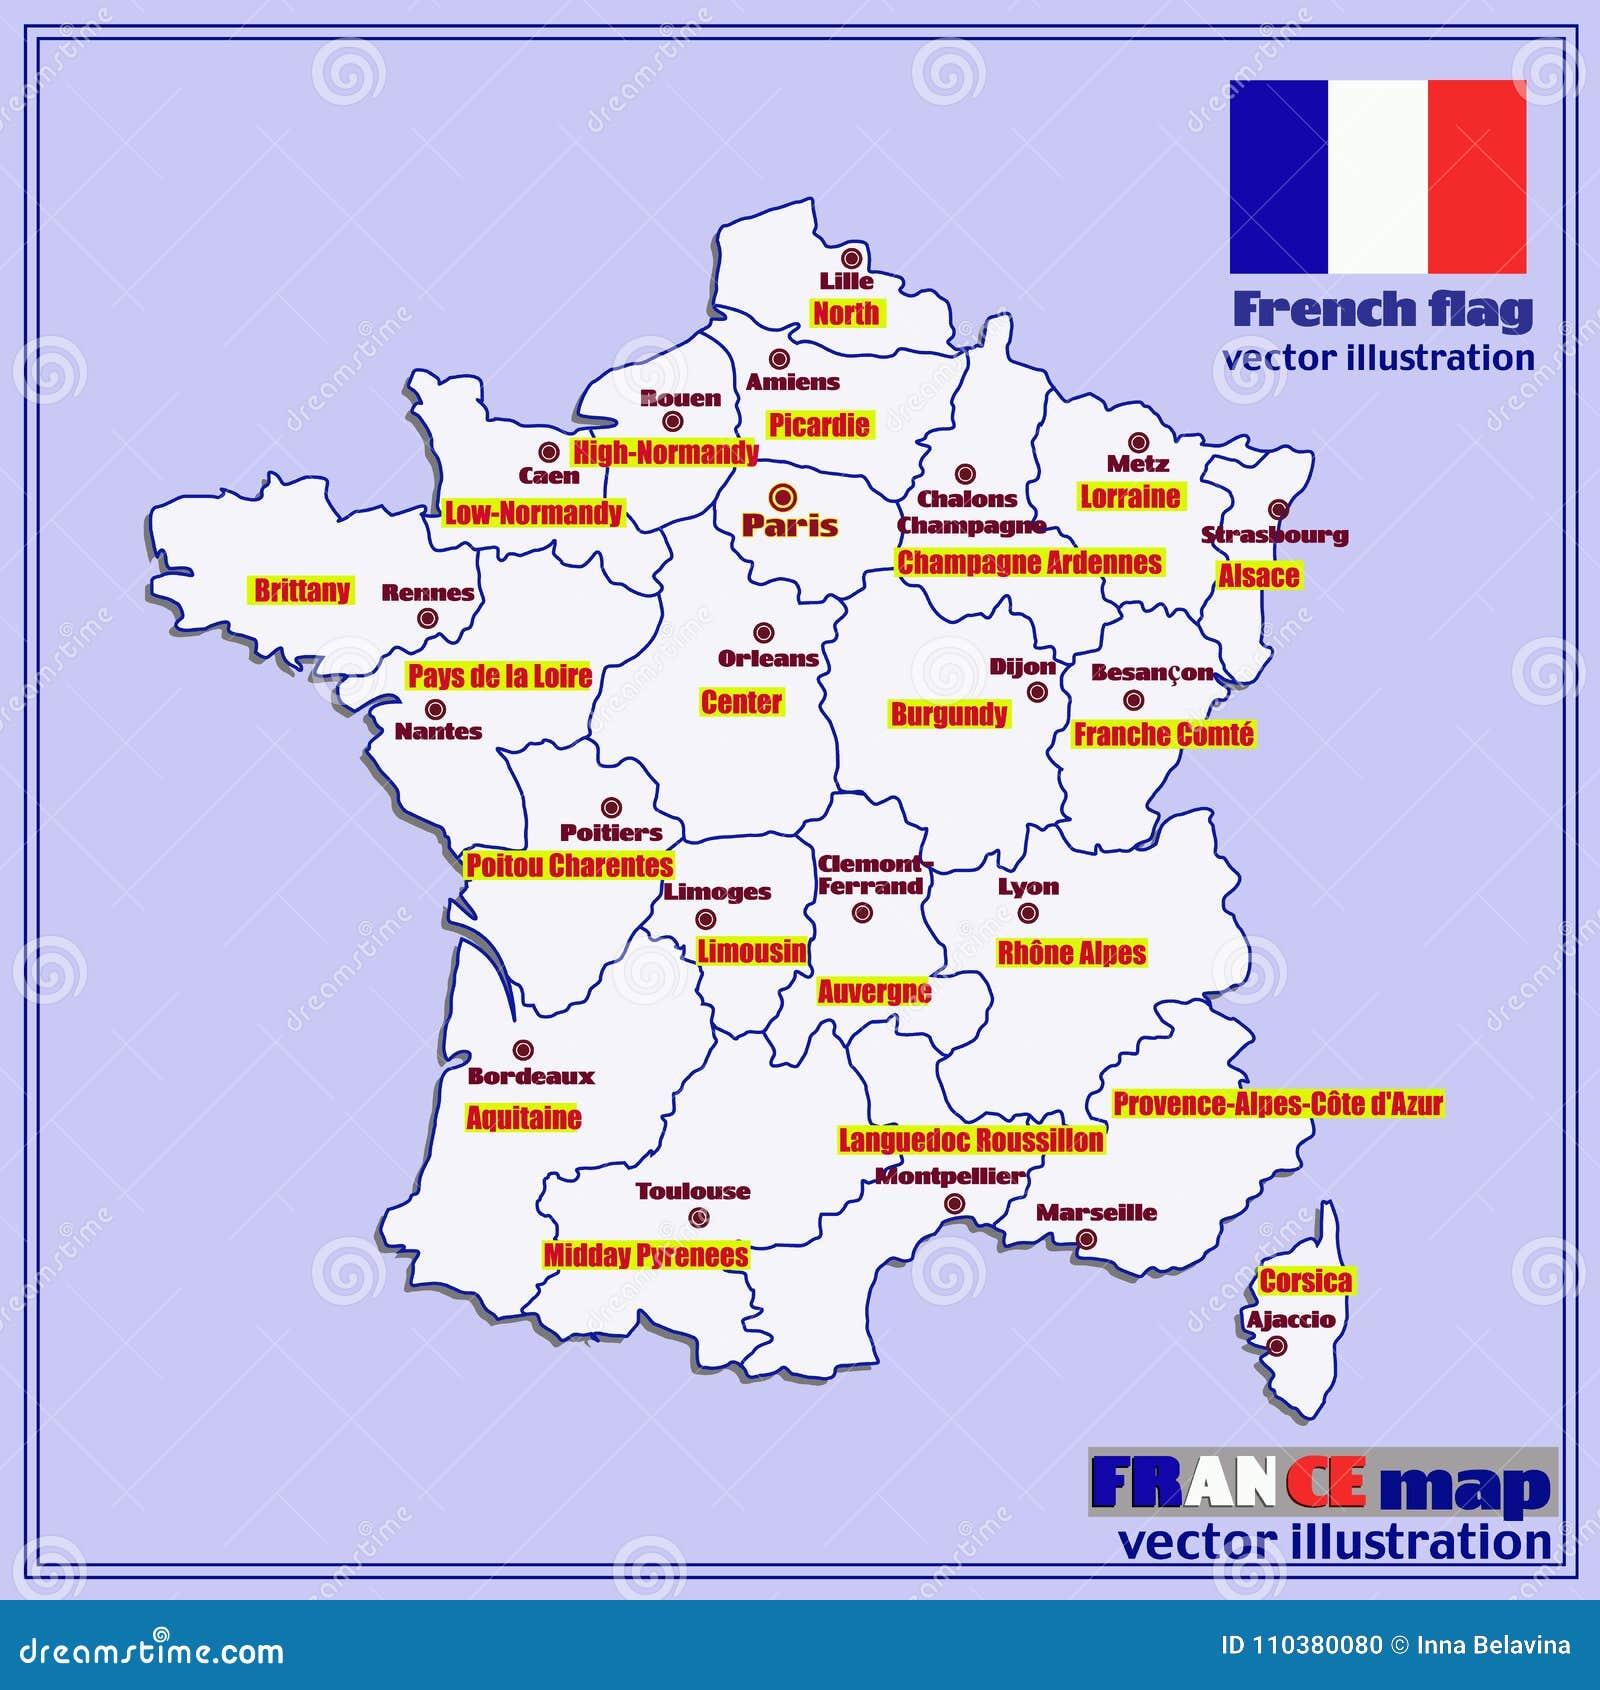 Cartina Francia Con Citta.Mappa Della Francia Con Le Regioni Francesi Vettore